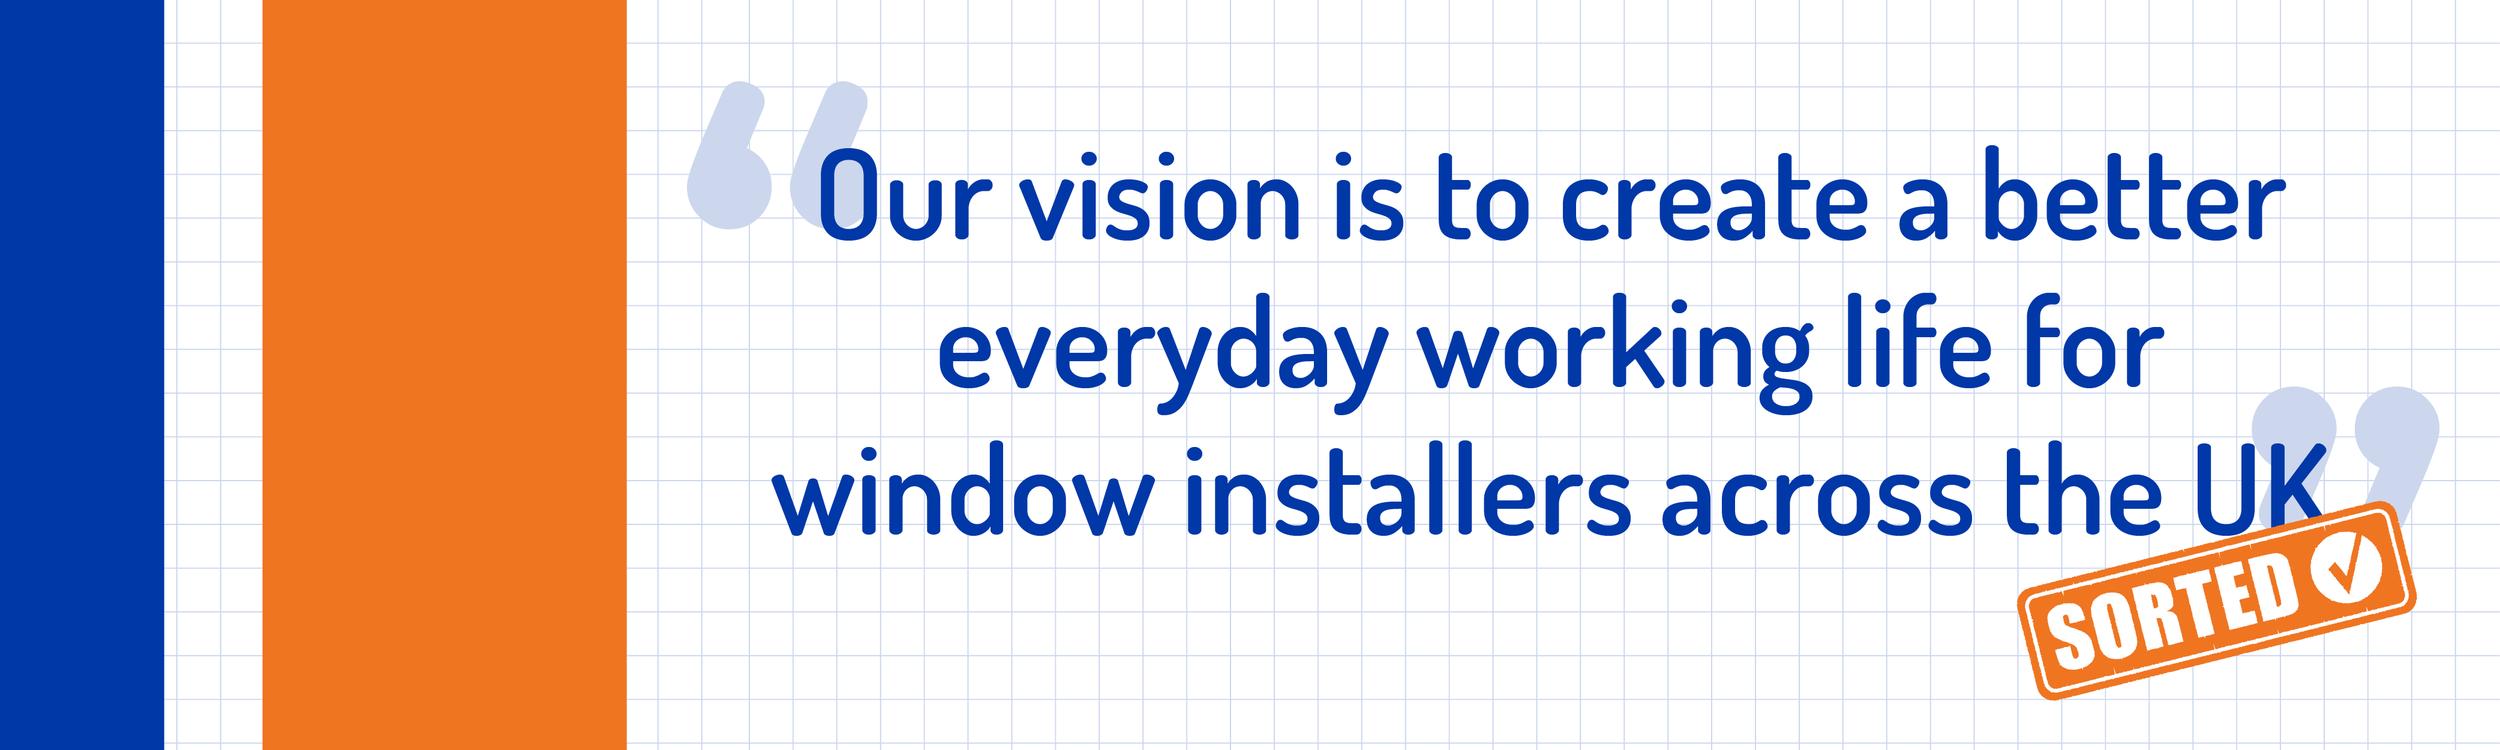 vision banner.png